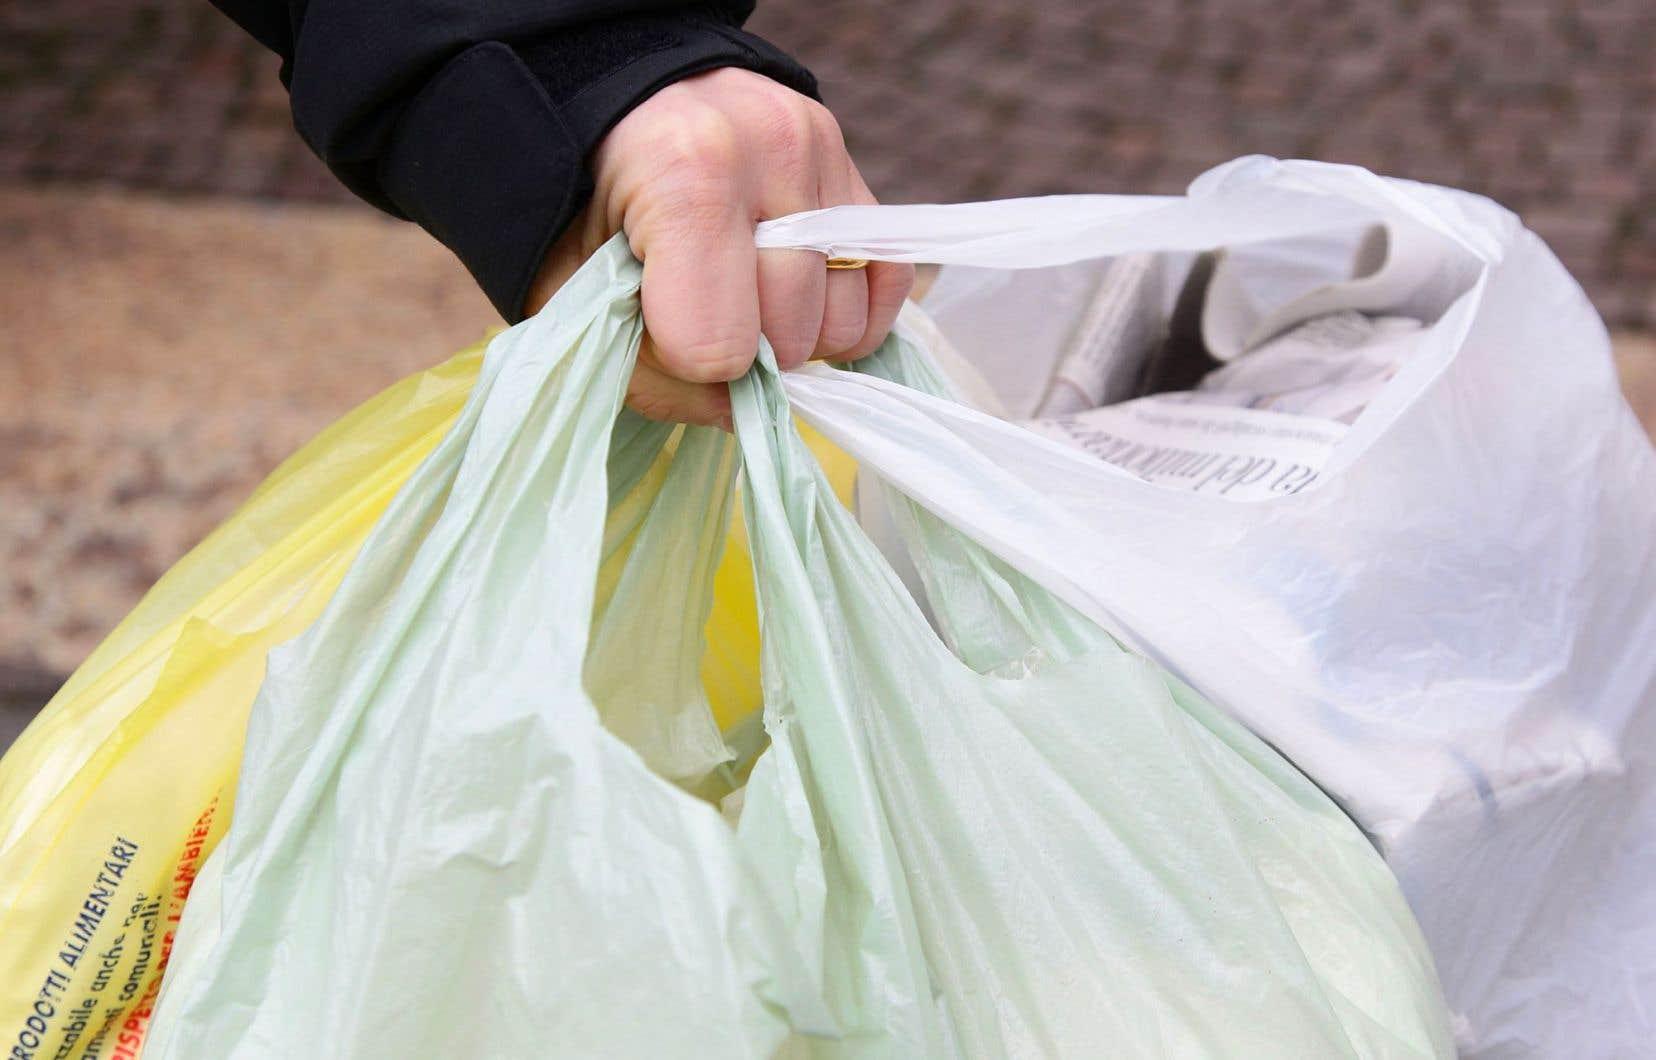 Il y a cinq ans, chaque citoyen de l'UE utilisait, en moyenne, 198 sacs de plastique par année.